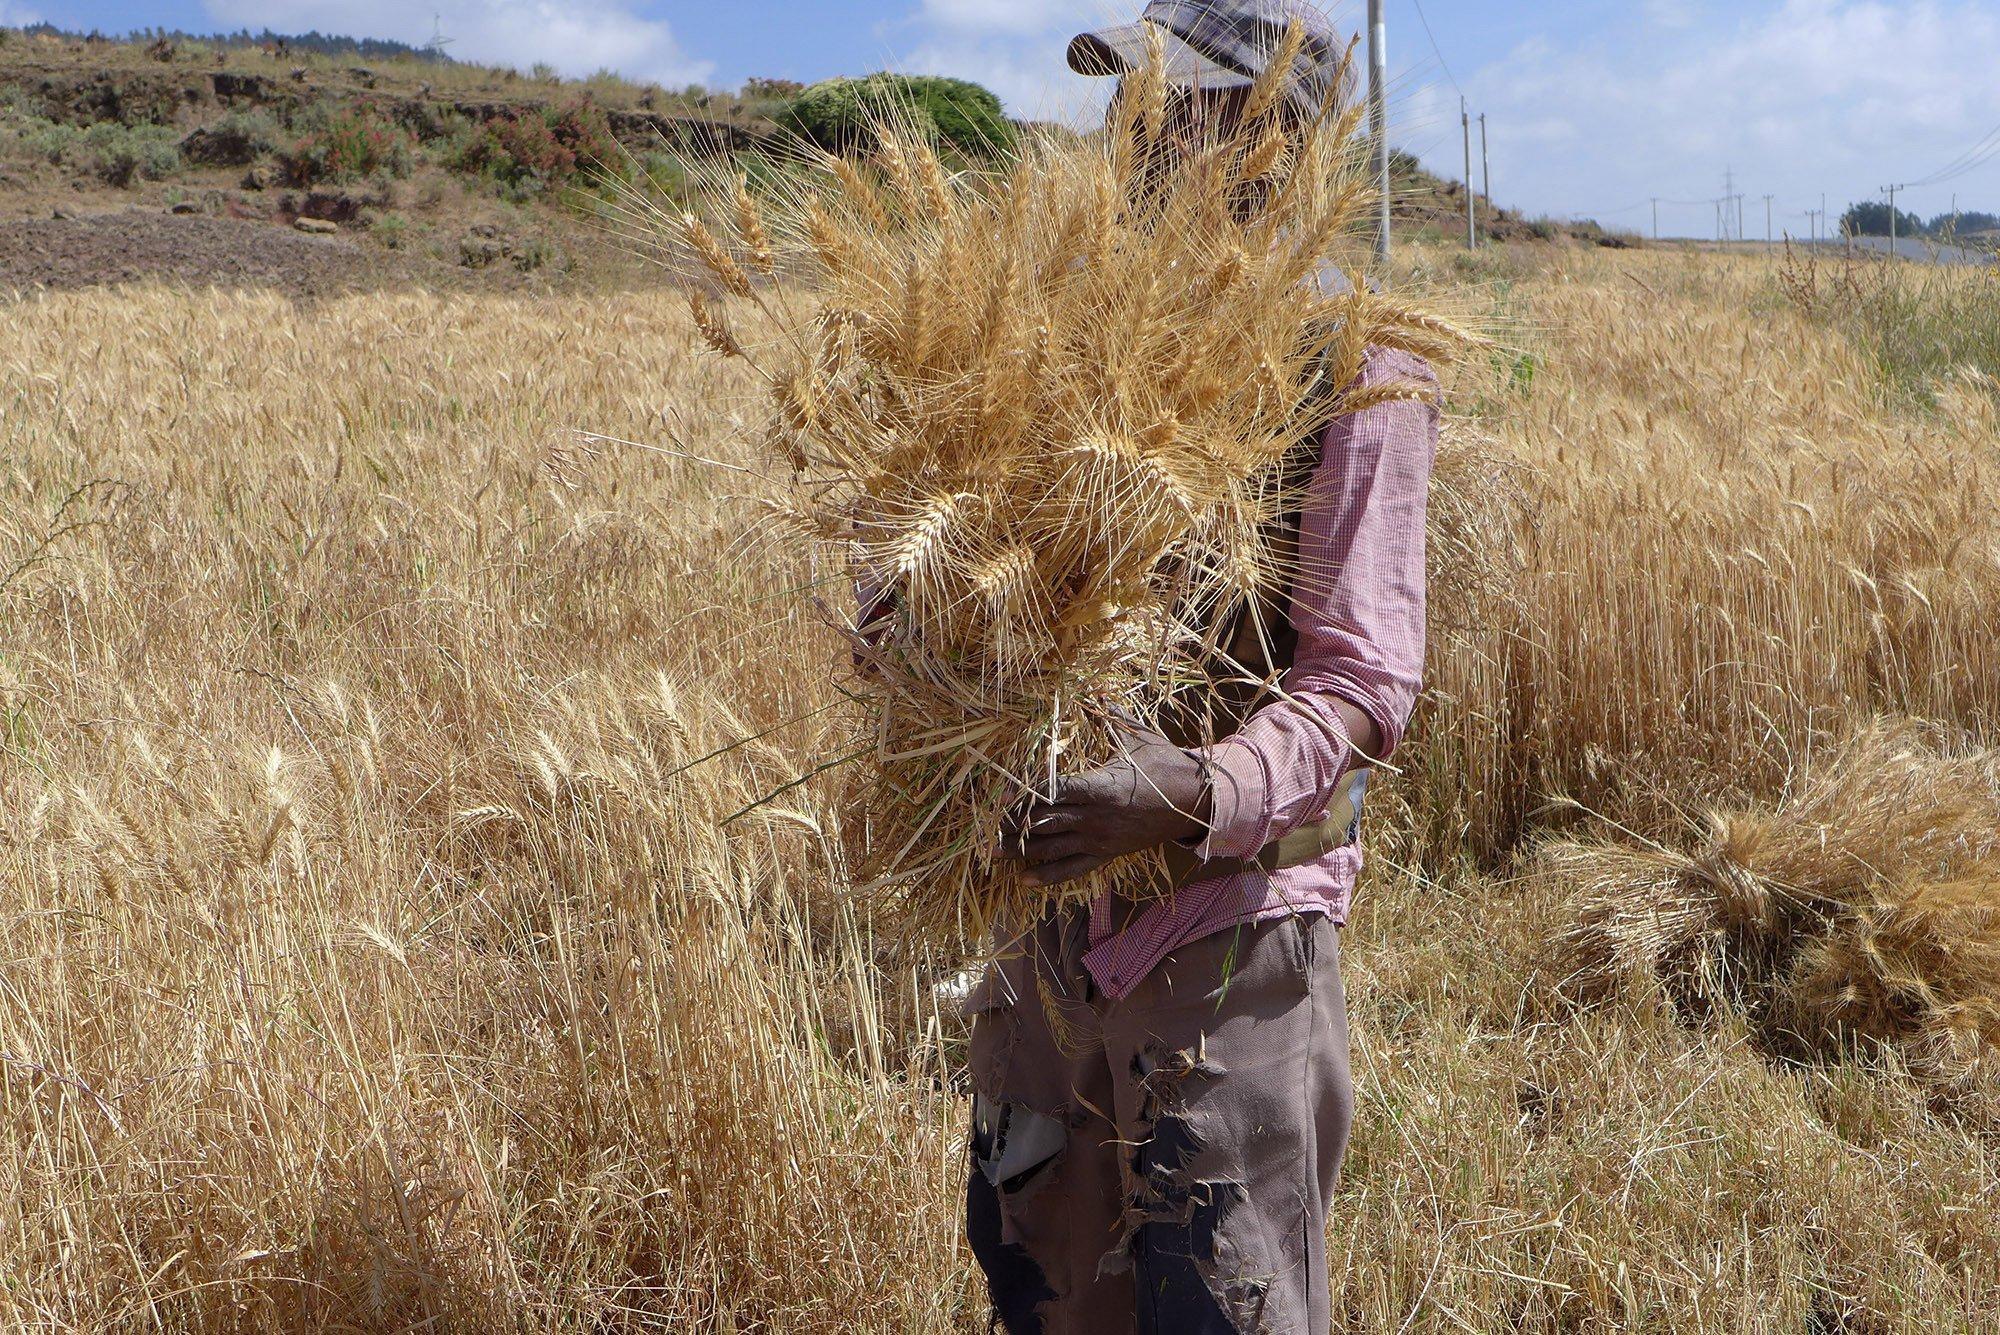 Ein Bauer in Äthiopien bindet eine Garbe Weizen.